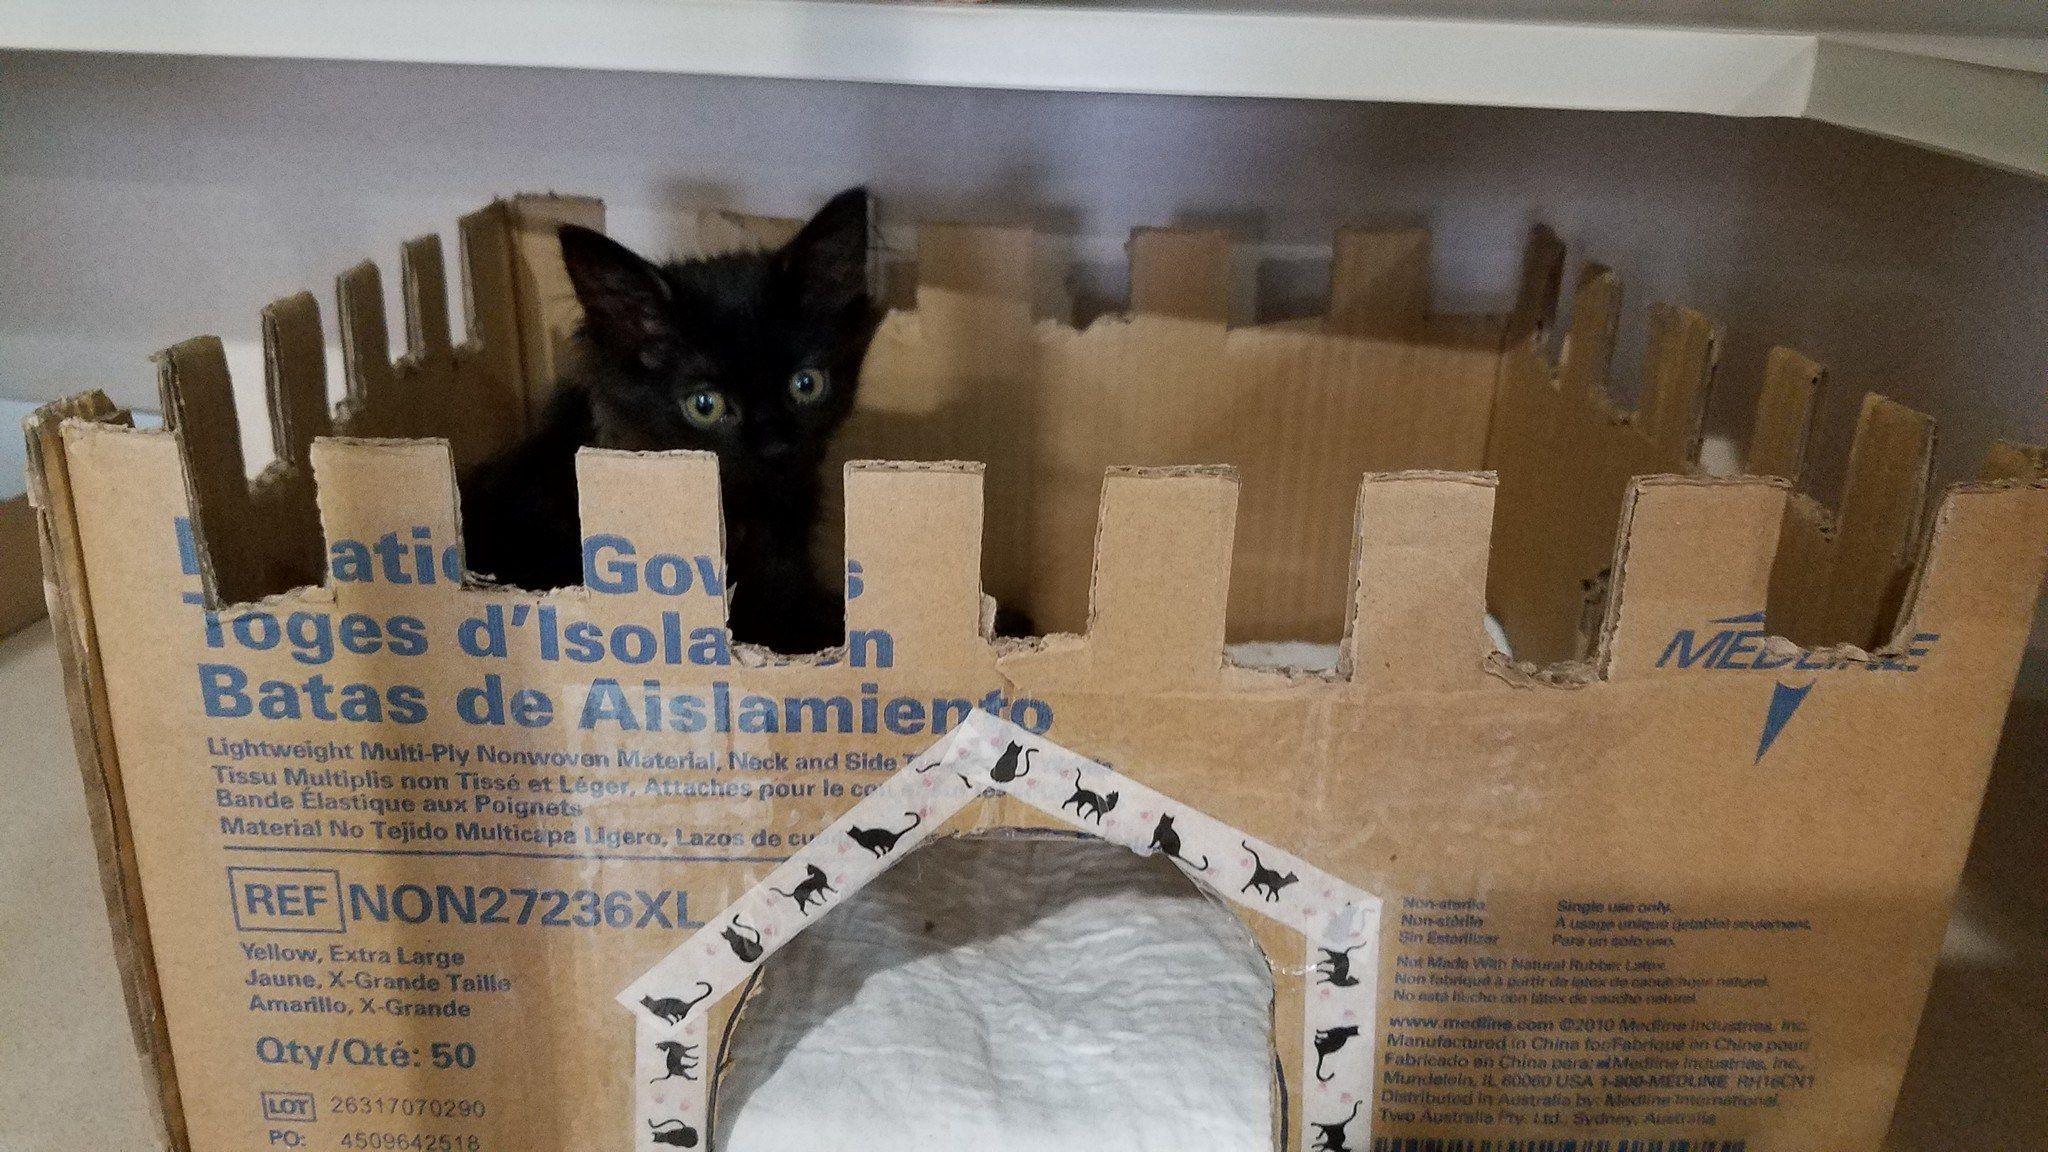 Cardboard Ideas Foster Kittens Hiding Spots Animal Rescue